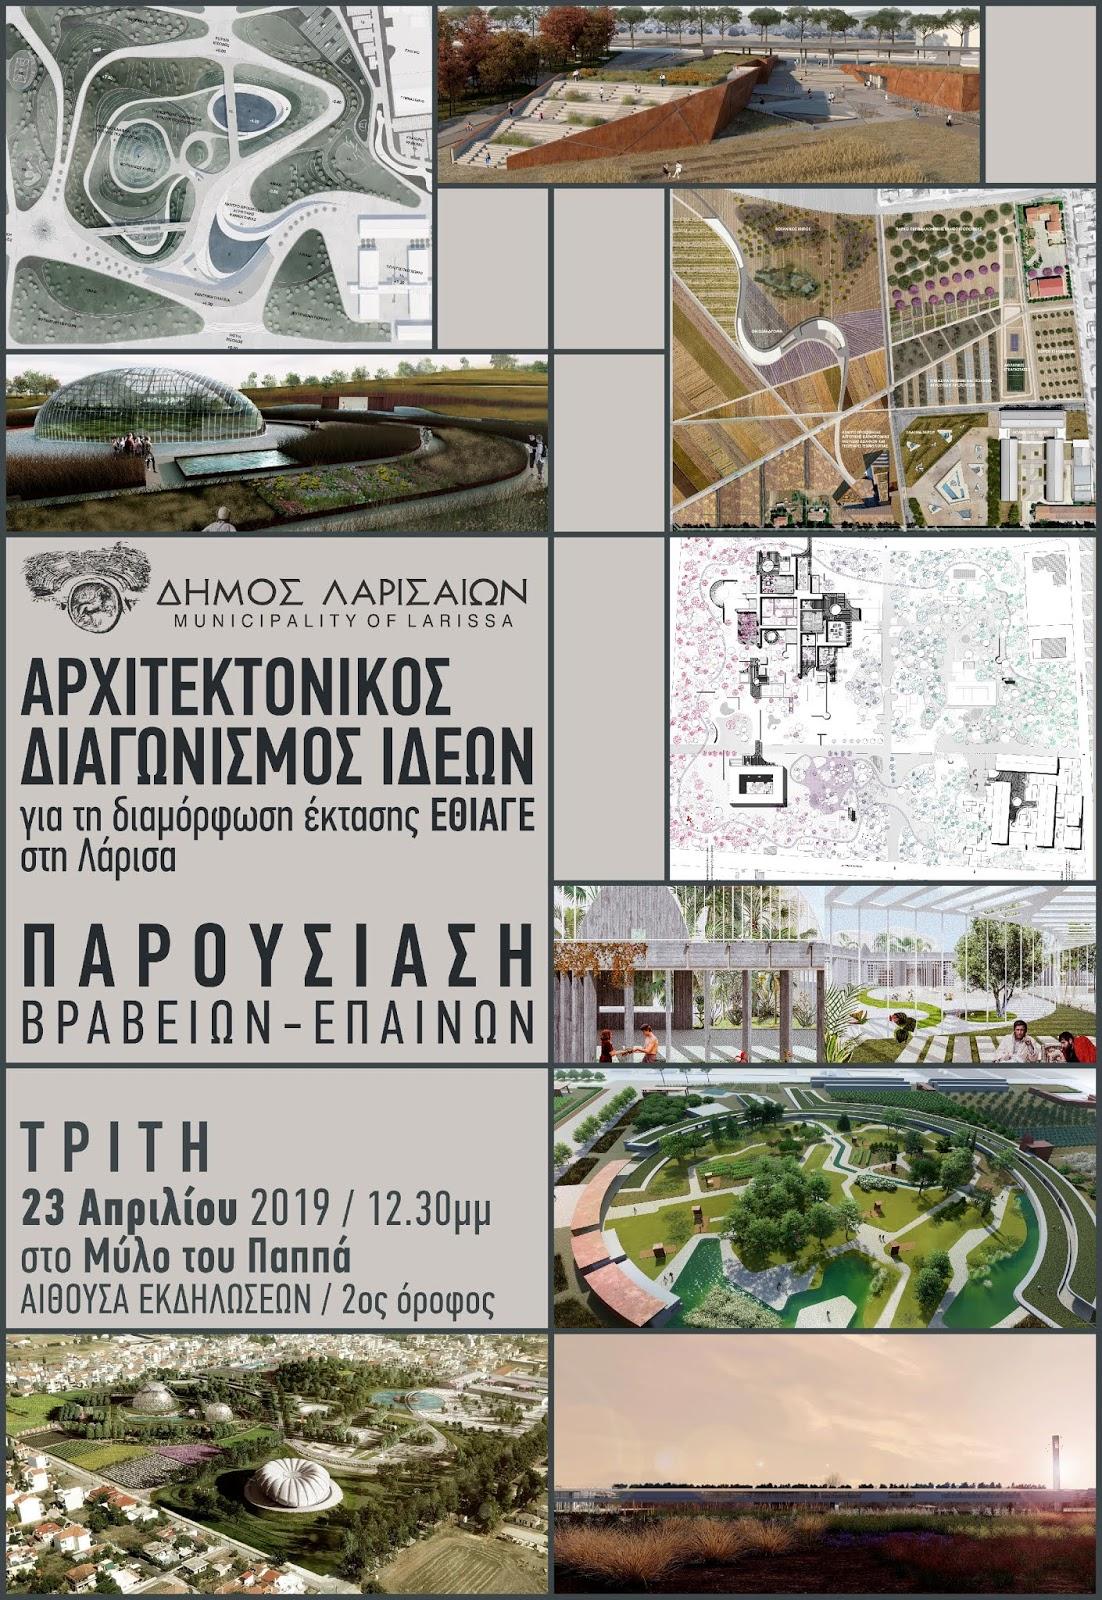 Έκθεση - εκδήλωση παρουσίασης βραβείων αρχιτεκτονικού διαγωνισμού ΕΘΙΑΓΕ